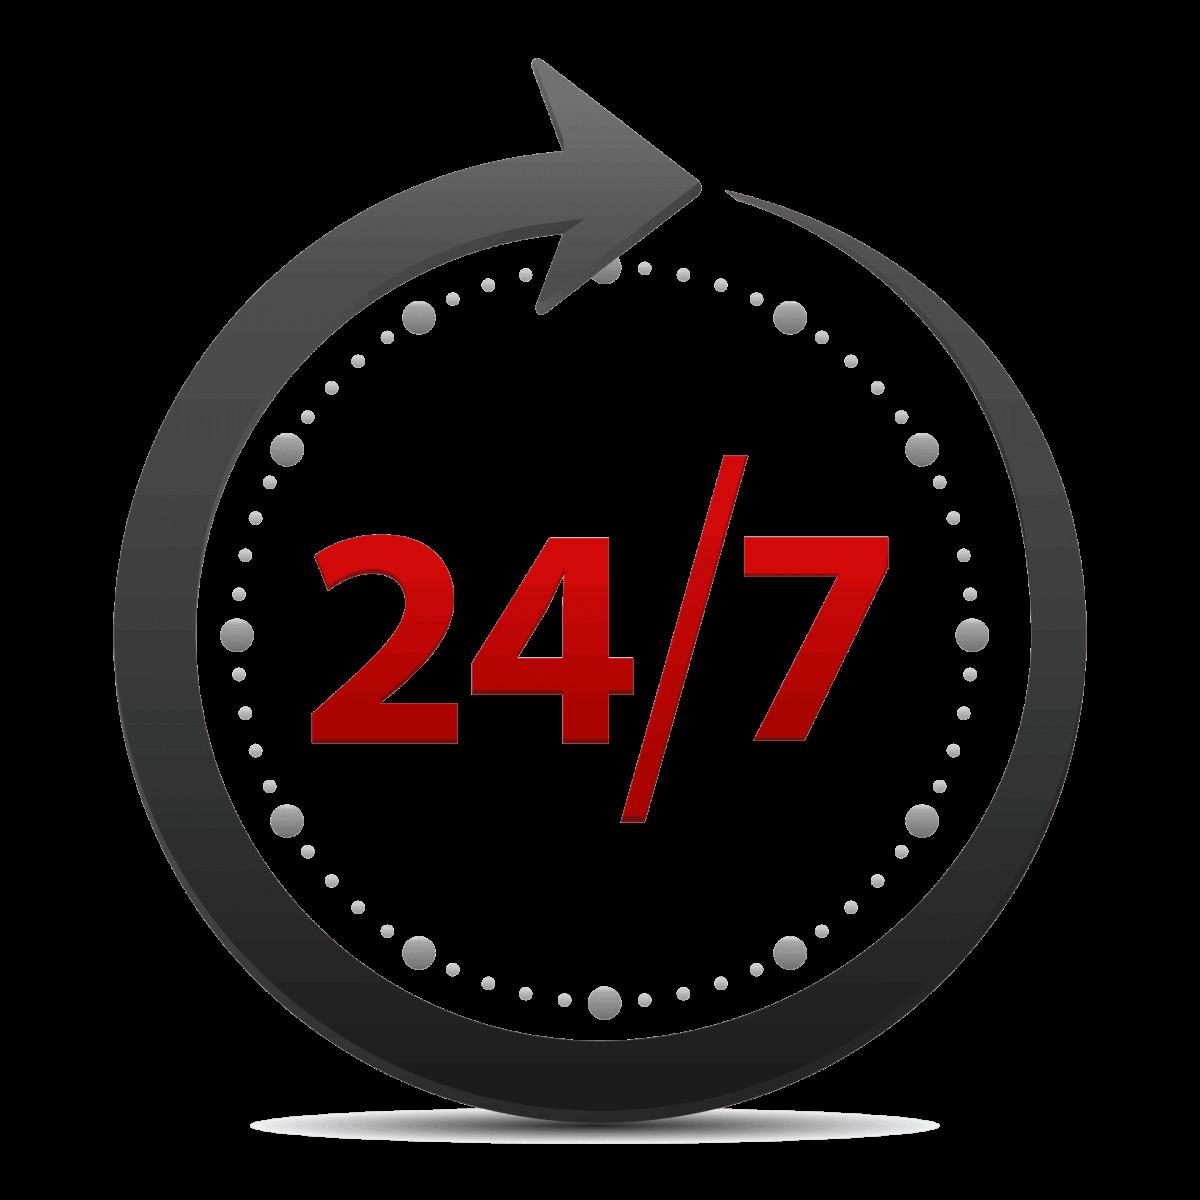 24seven-logo-6000x6000-1200x1200-1